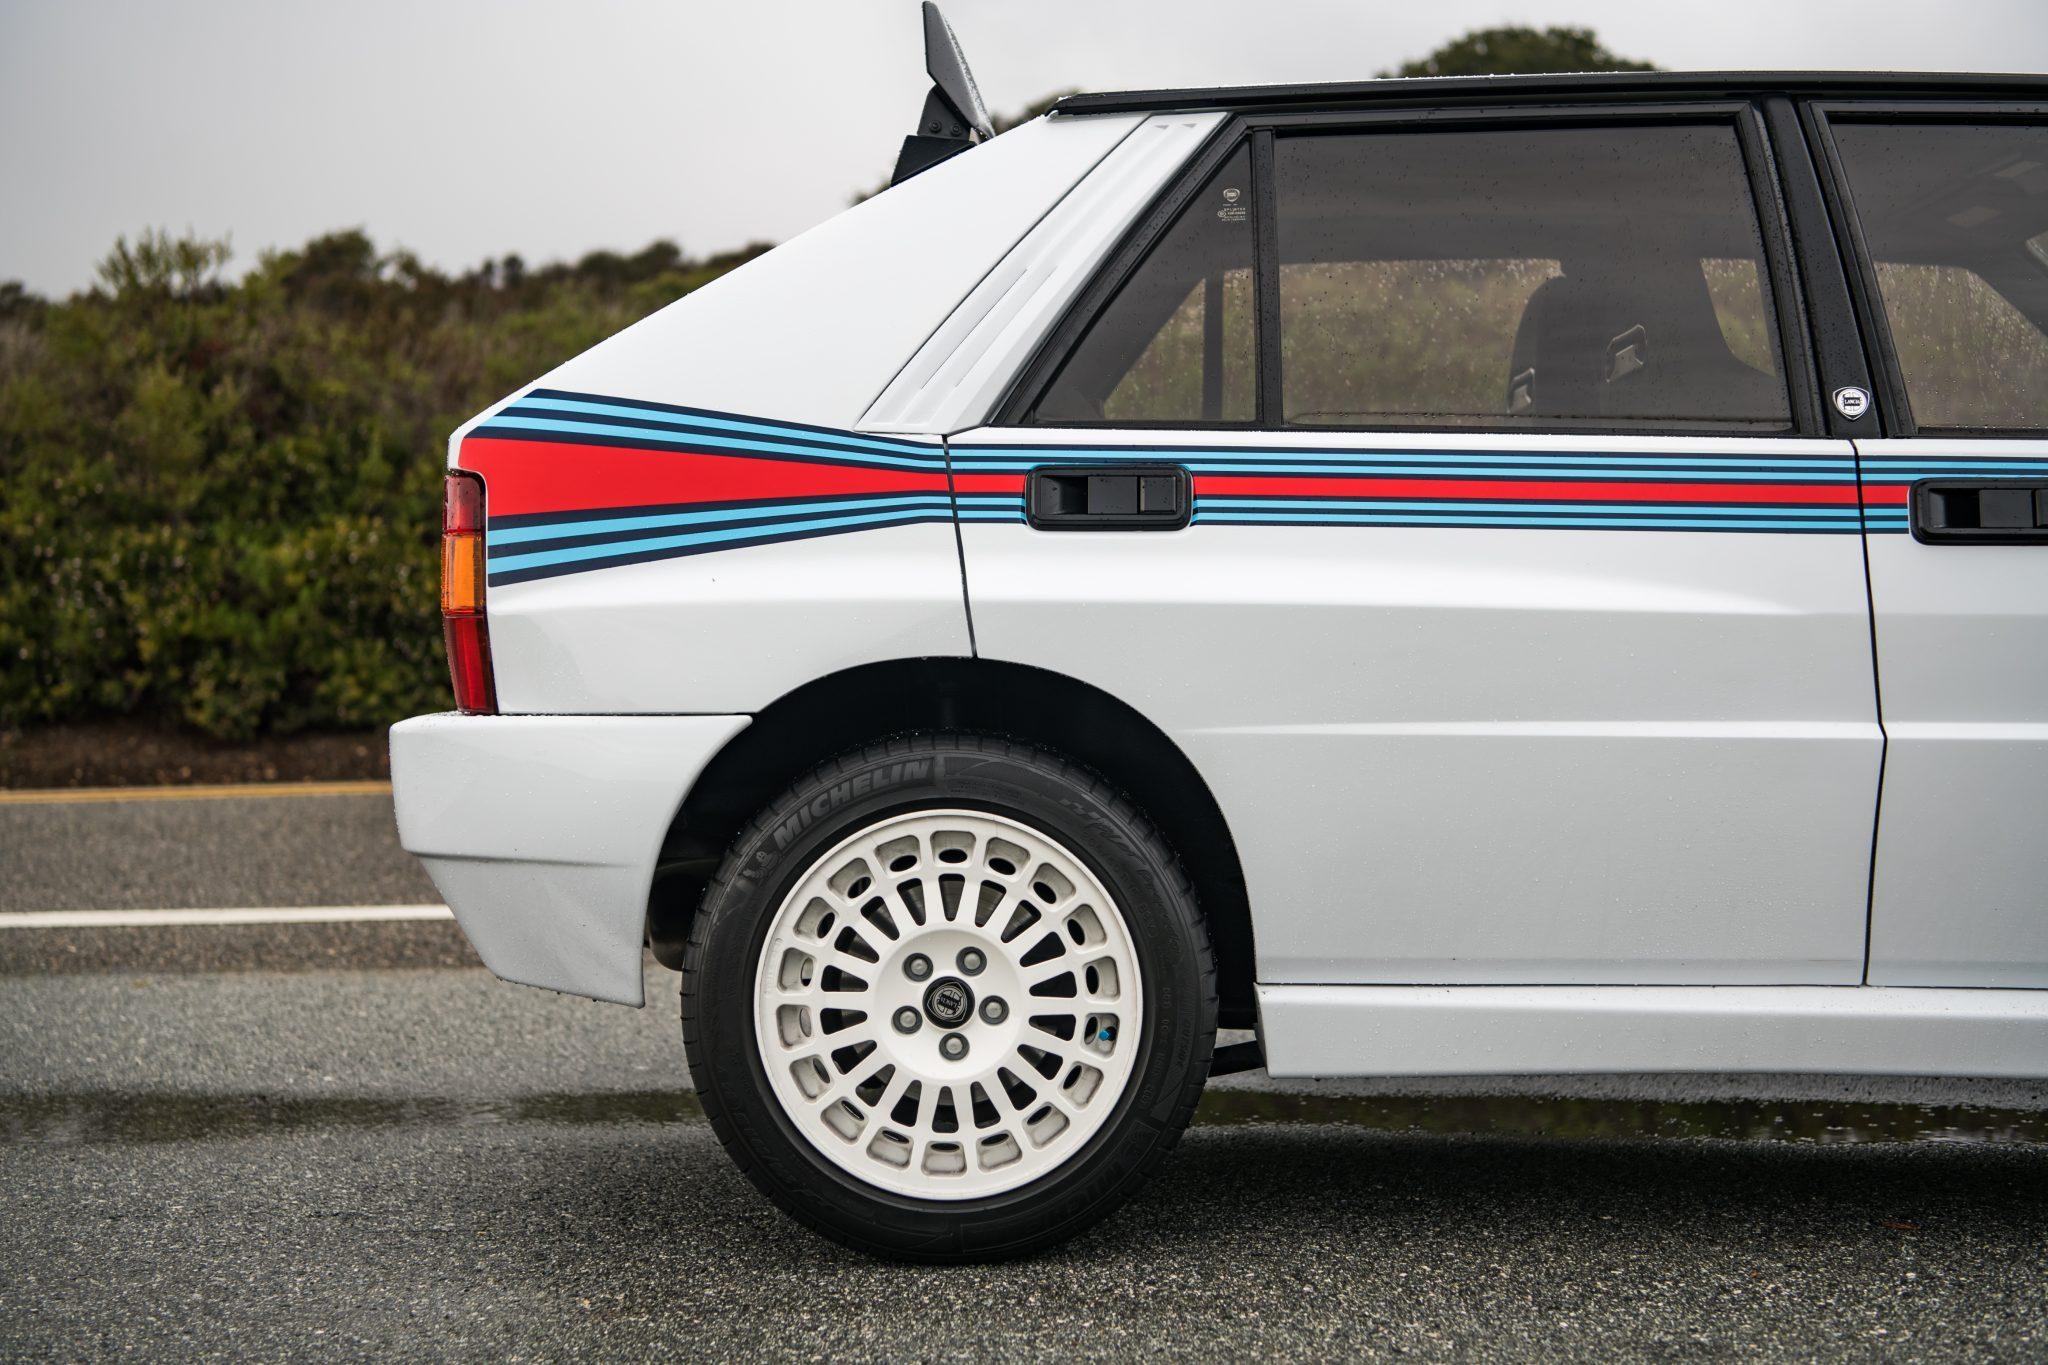 Lancia_Delta_Integrale_Martini_5_Evoluzione_sale_0011